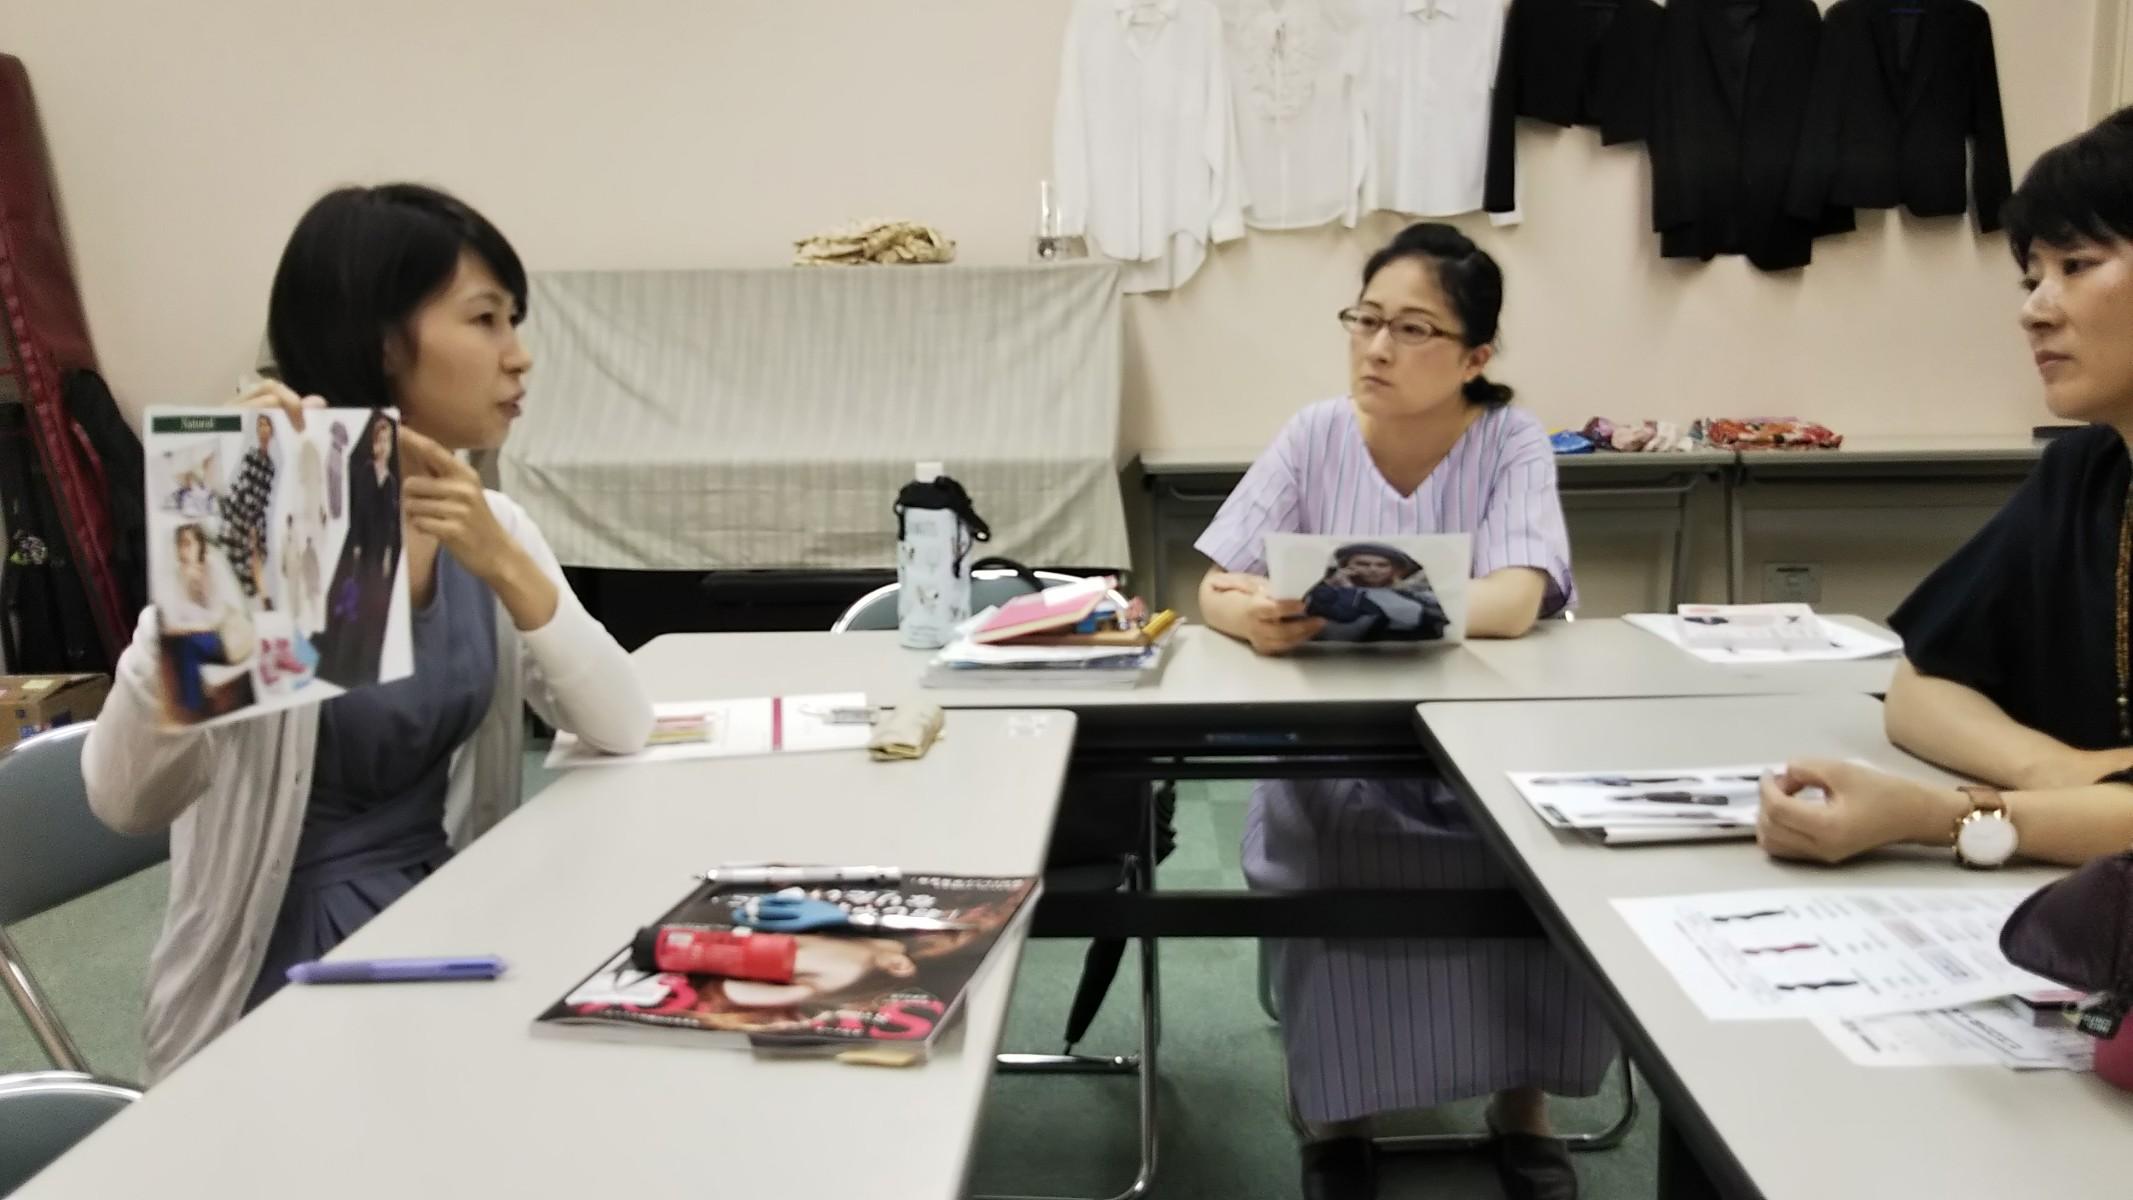 【開催報告】骨格スタイルアドバイザー3級認定講座(JEUGIAカルチャーセンター)